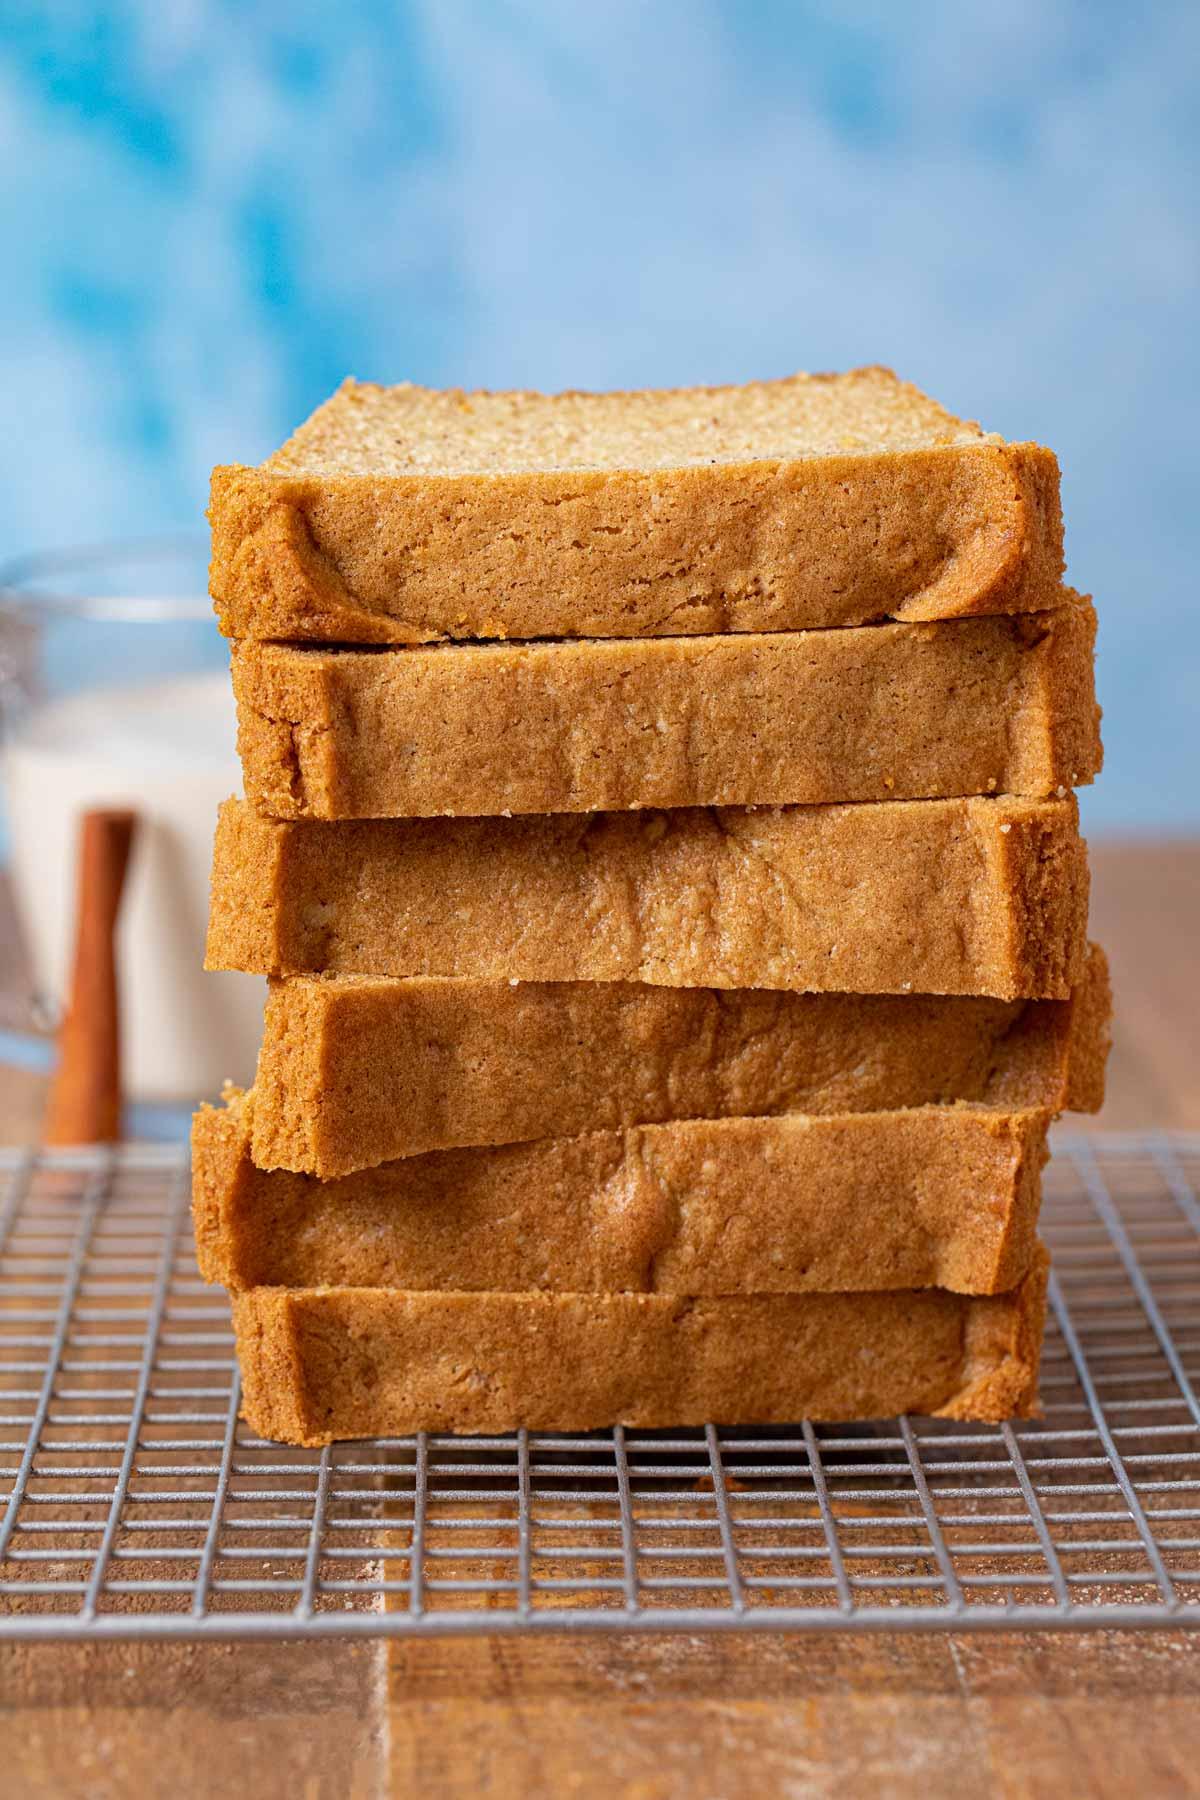 Eggnog Bread slices in stack